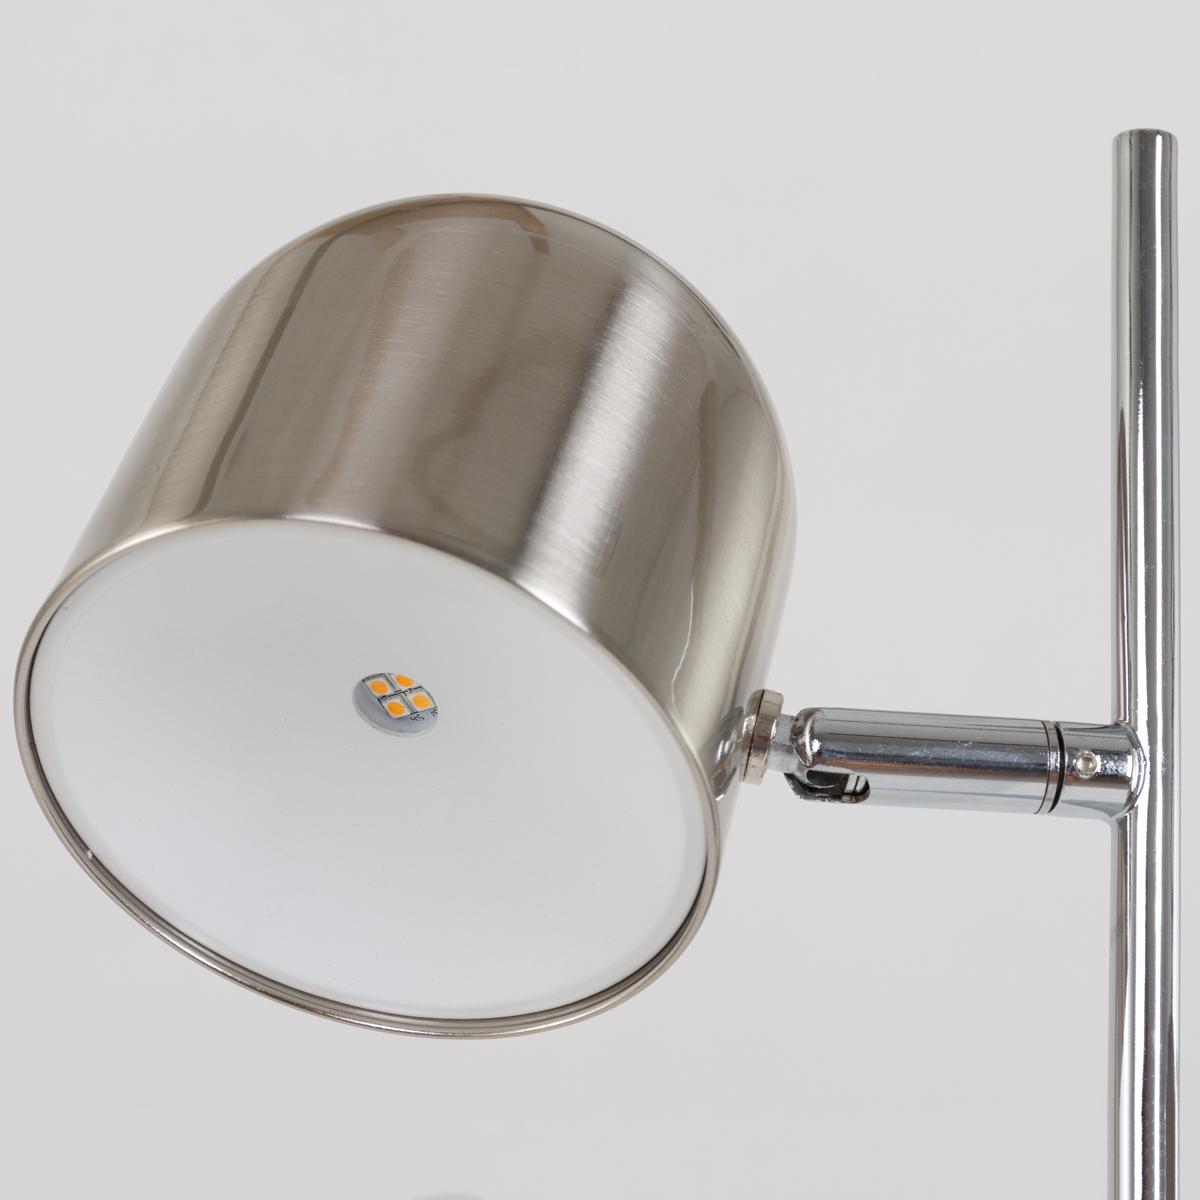 lampadaire moderne acier nantes 23 cm lampe industrielle. Black Bedroom Furniture Sets. Home Design Ideas